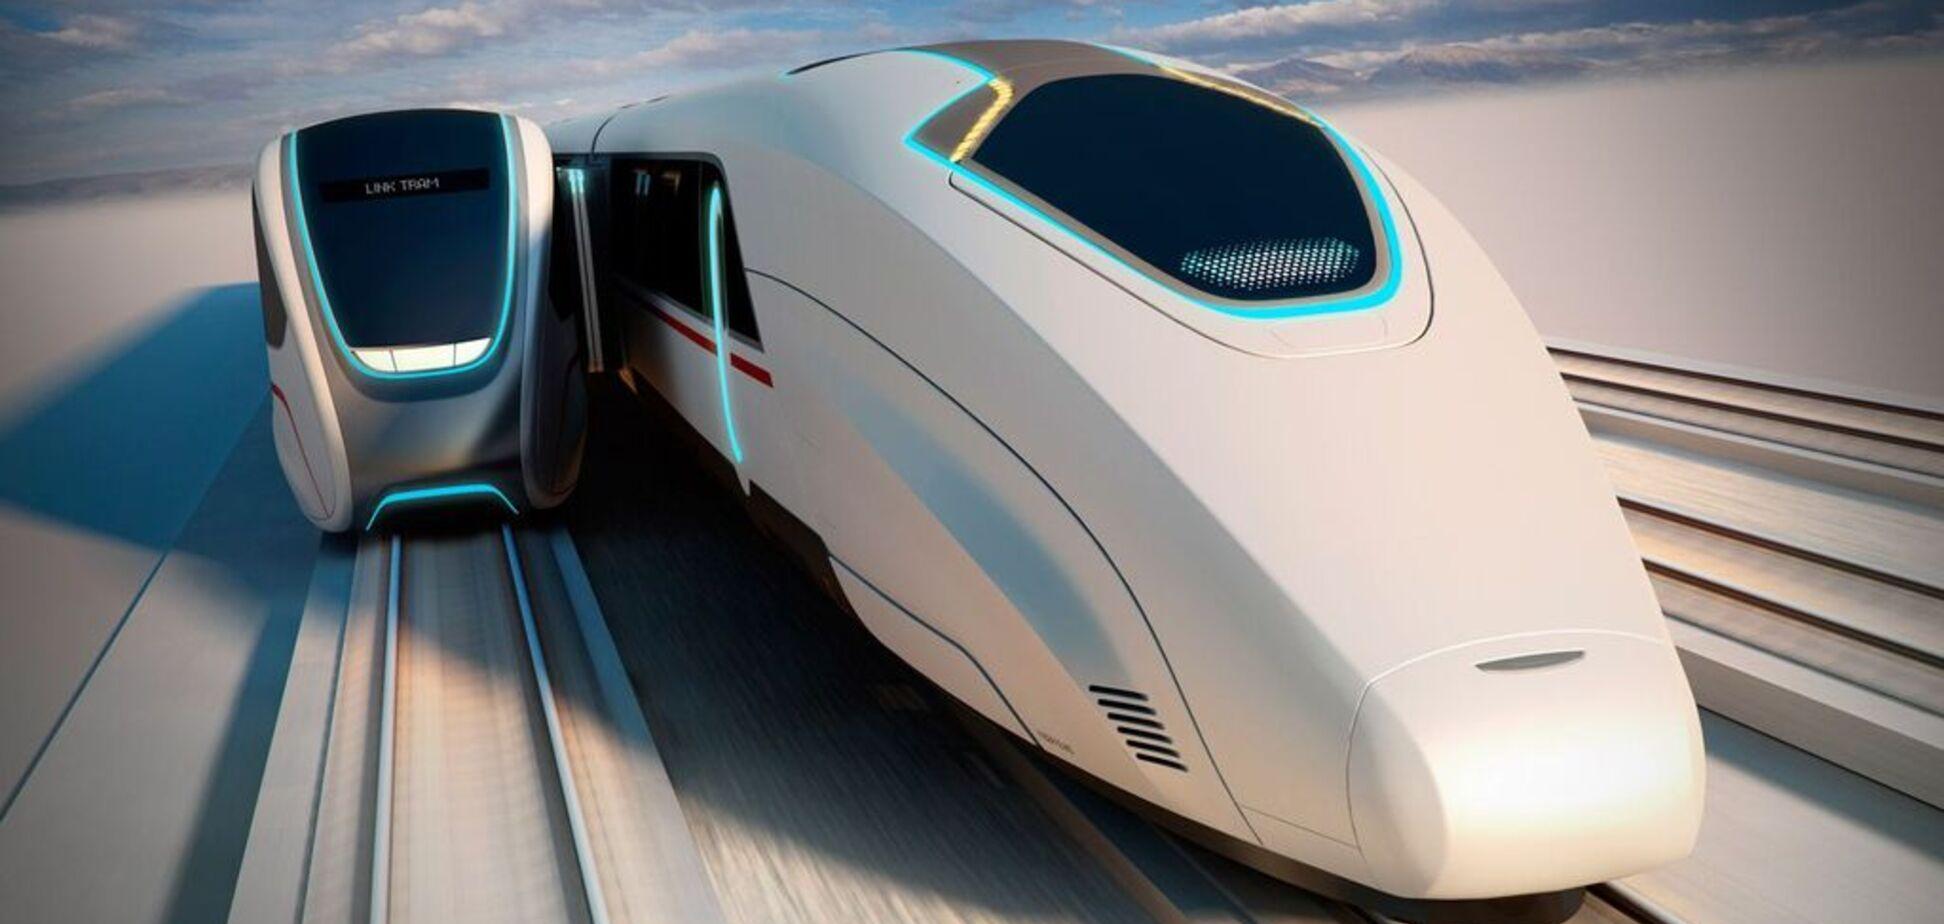 В Великобритании создали поезд на аккумуляторах: как он работает